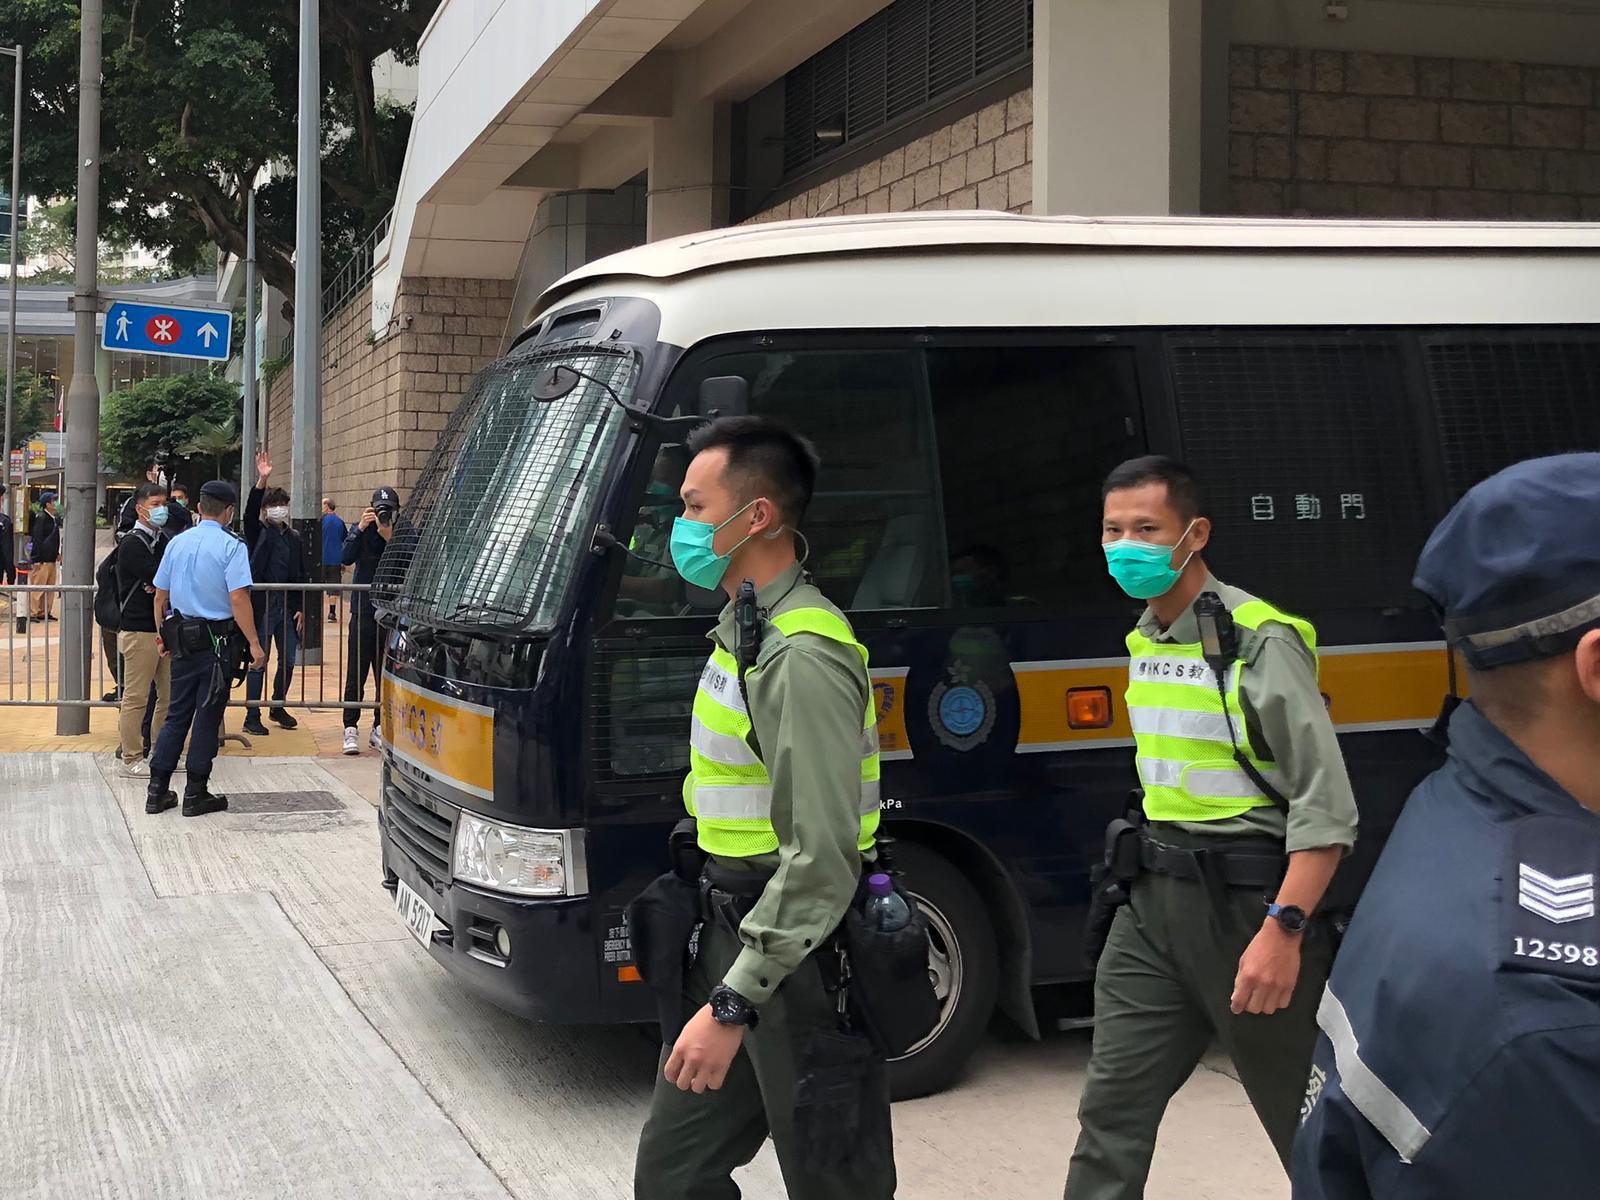 押送周庭的囚車離開法院。(張展豪 攝)